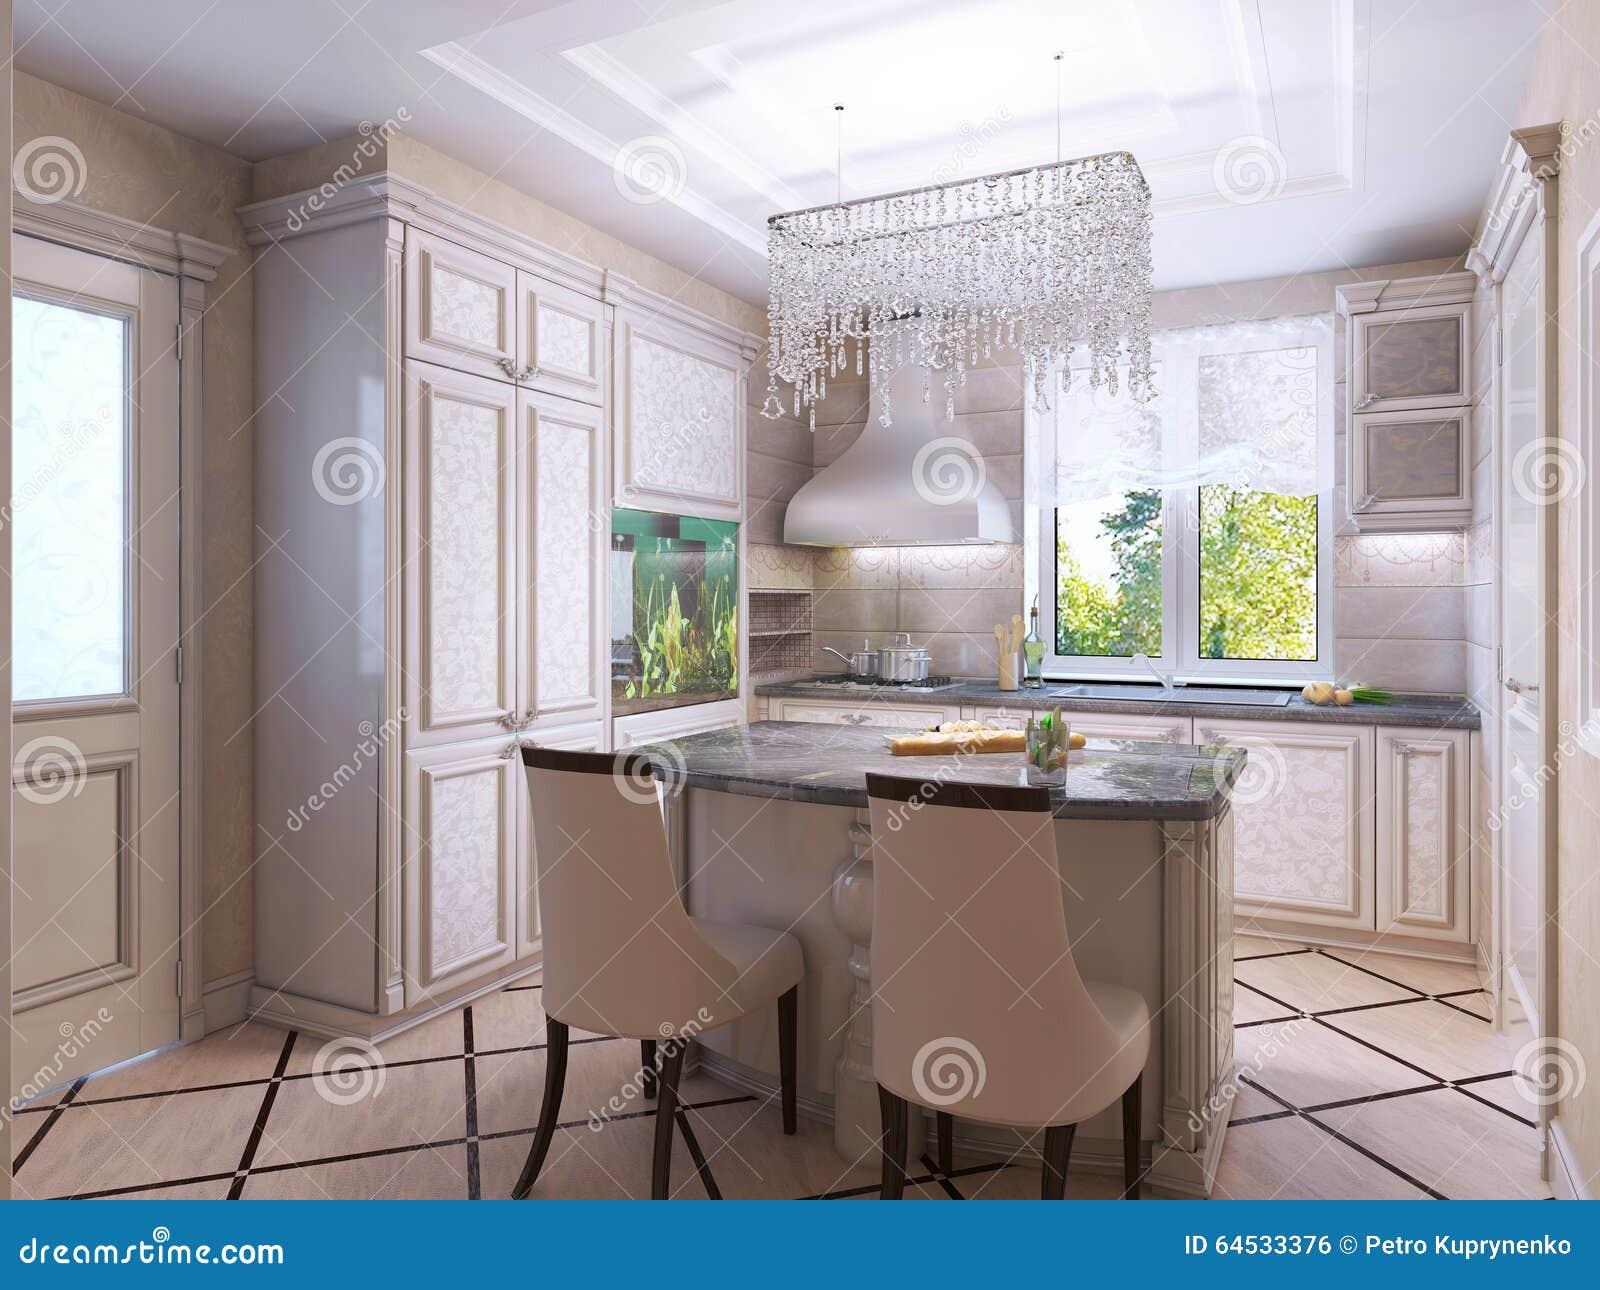 Beautiful Kitchen Art Deco Style Stock Photo Image Of Modern Ecru 64533376